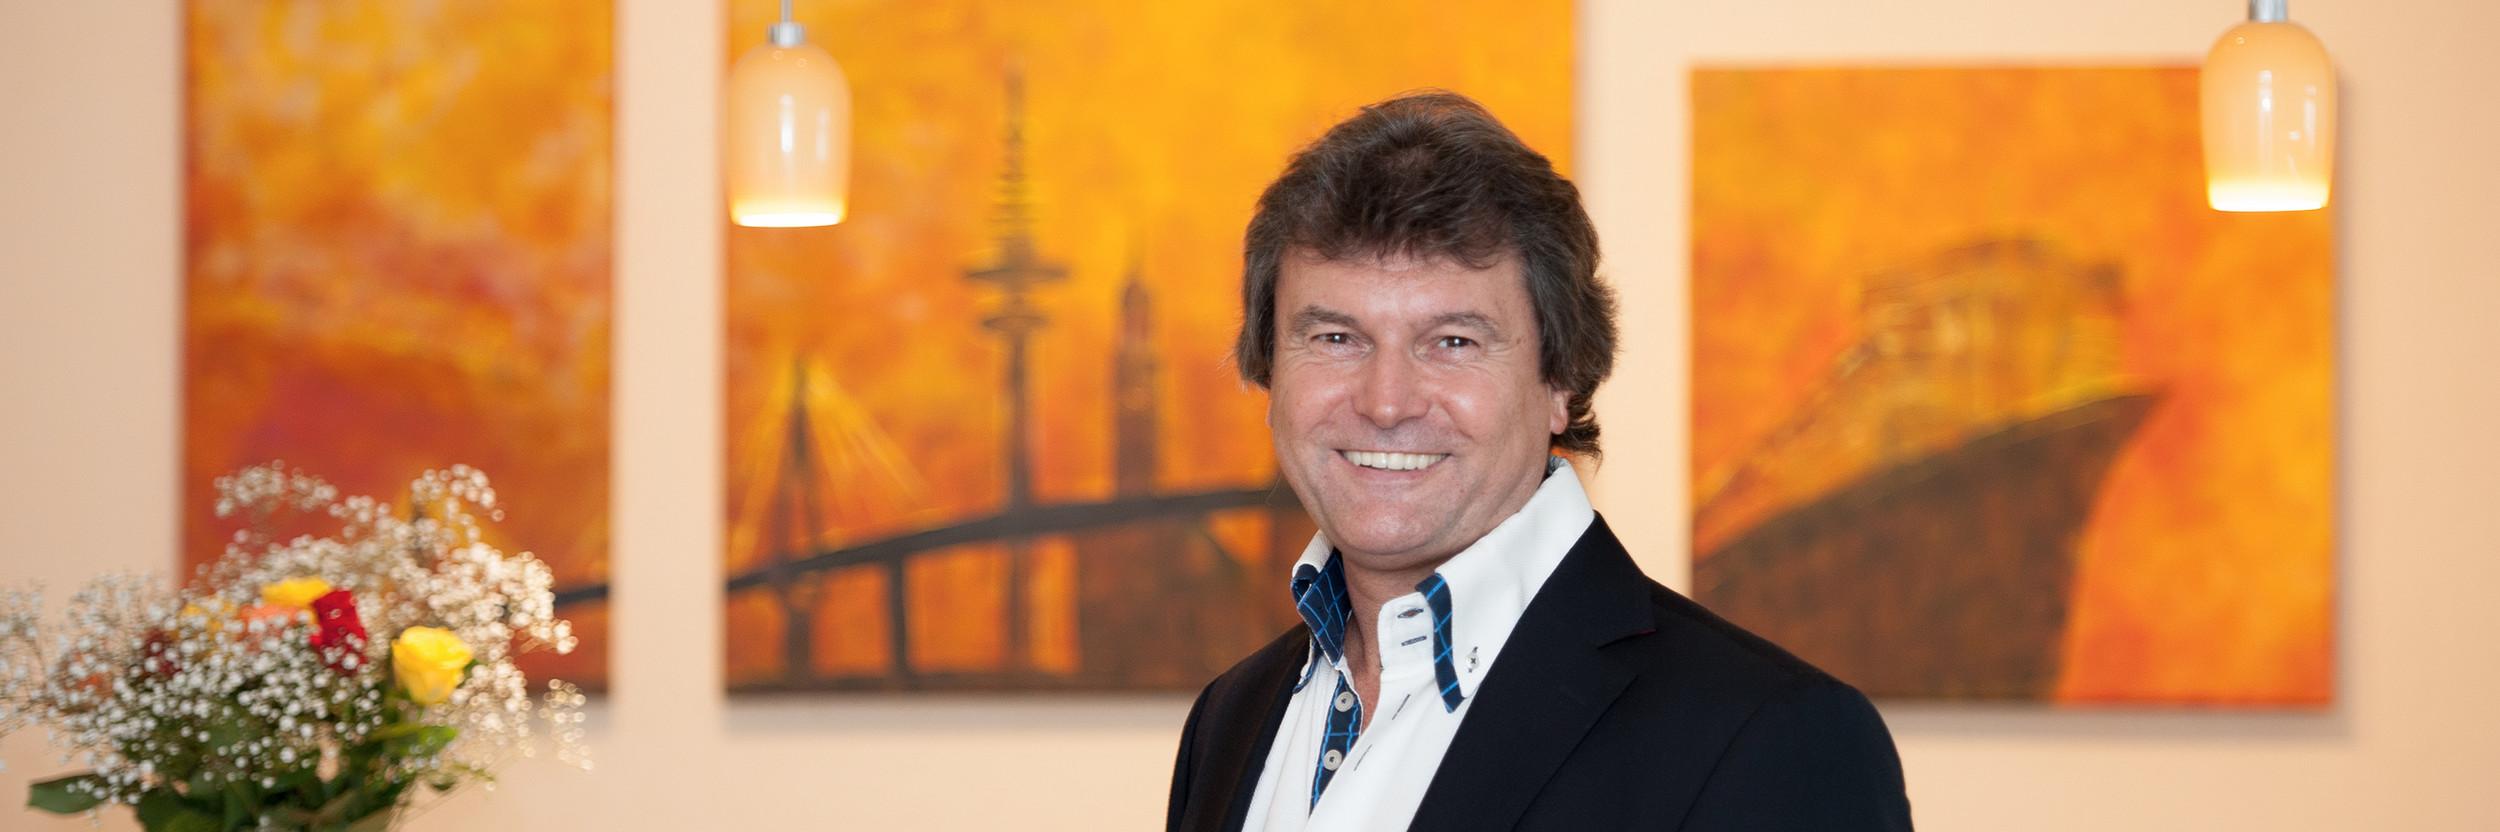 Rolf E  Stolz | Hamburg Orthopäde Orthopädie Spezialist